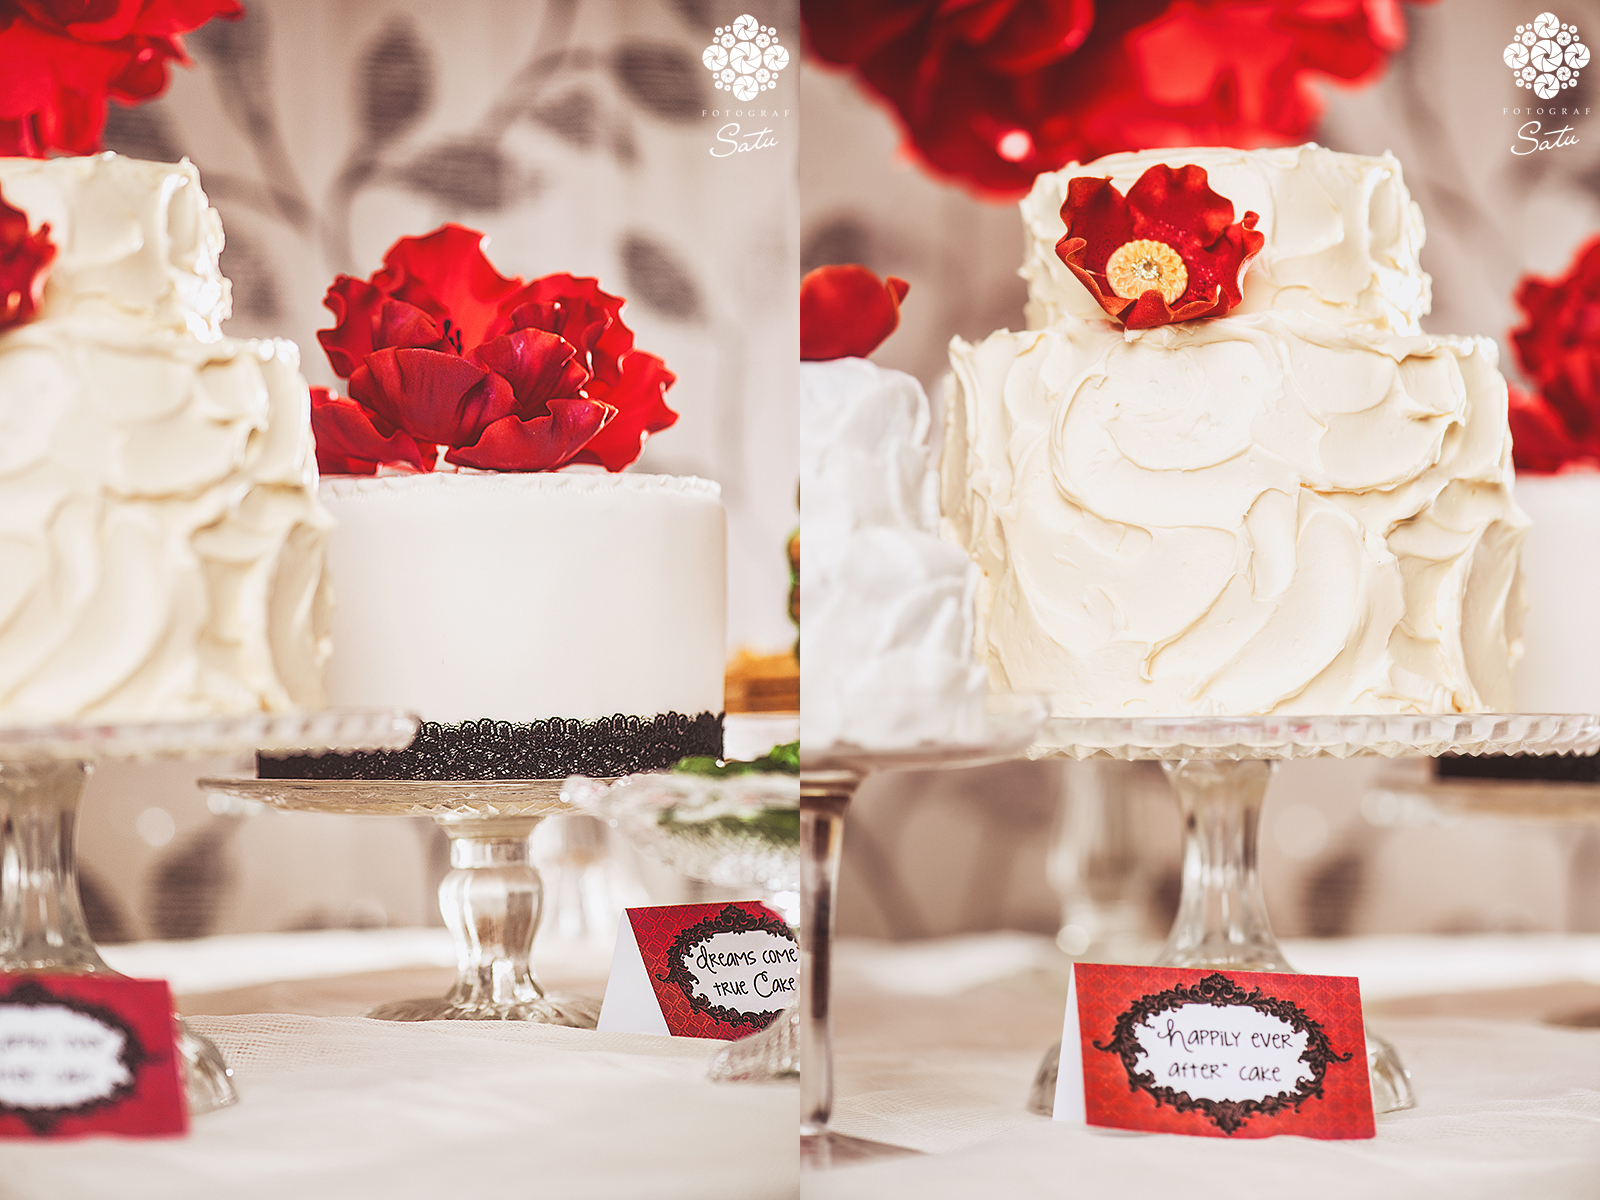 Chokladbollstårta chokladbollstårtor ombre cake fotograf satu made by sockerrus